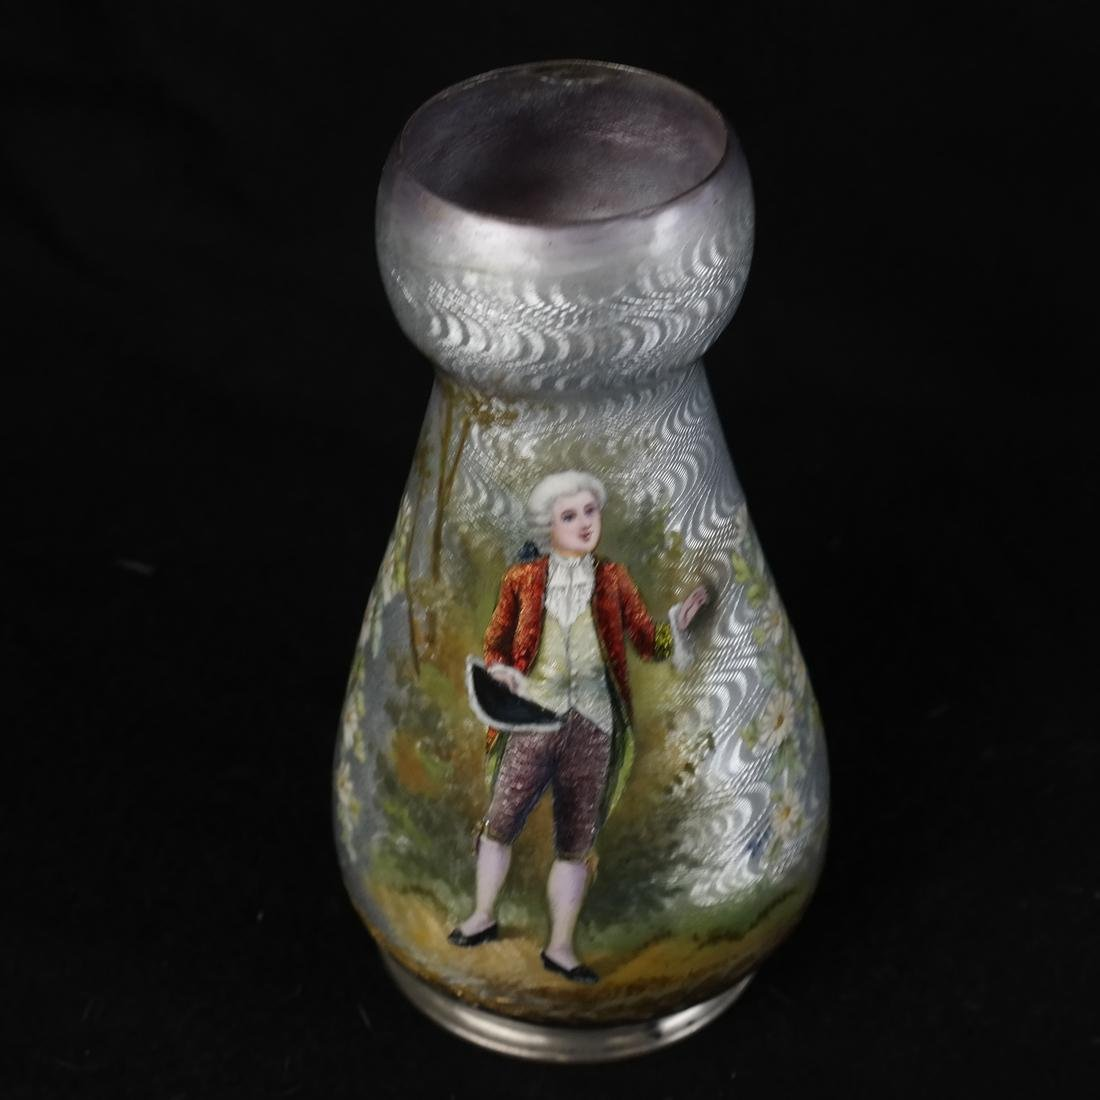 Japanese Cloisonne Ashtray and Enameled Vase on Silver - 2